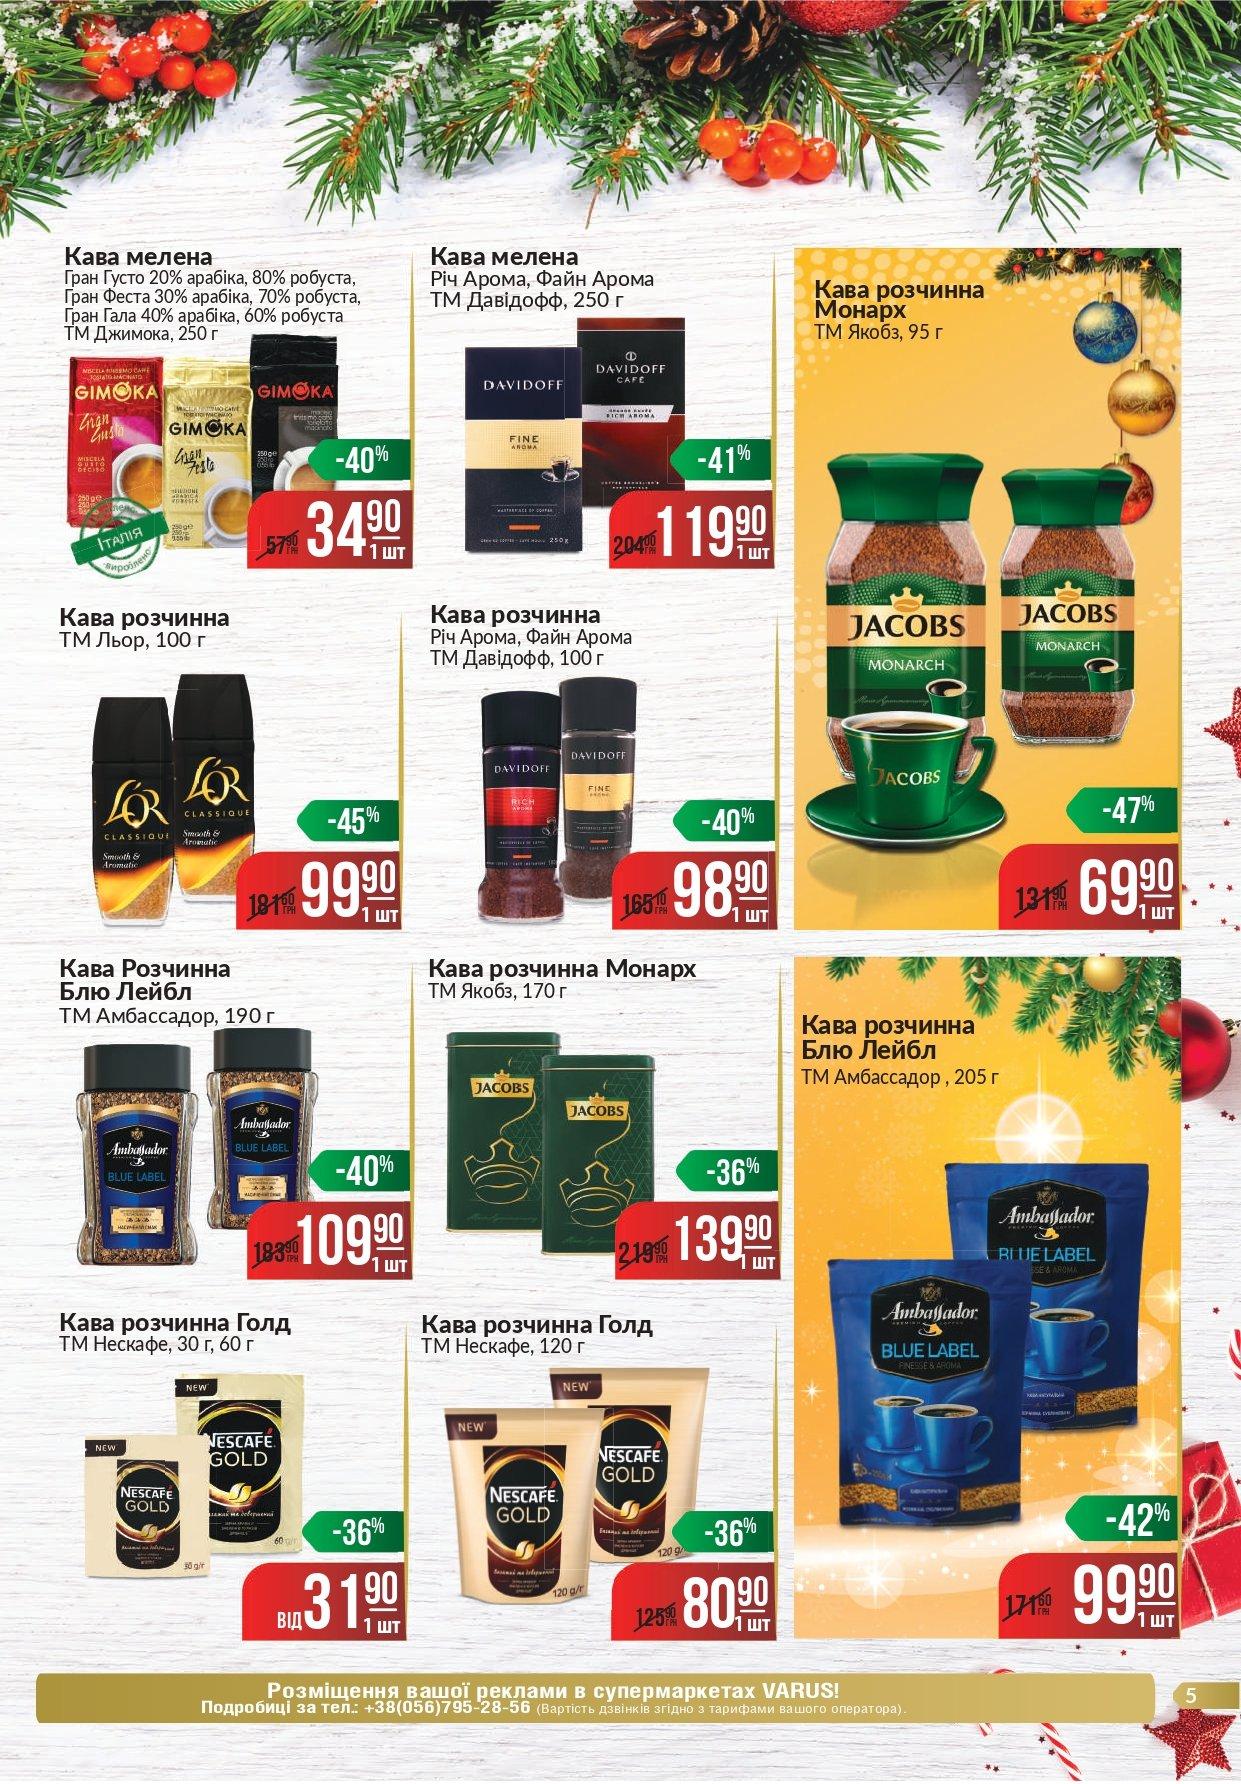 Делаем покупки к Новому Году: какие акции действуют в супермаркетах Днепра, - ЦЕНЫ, фото-34